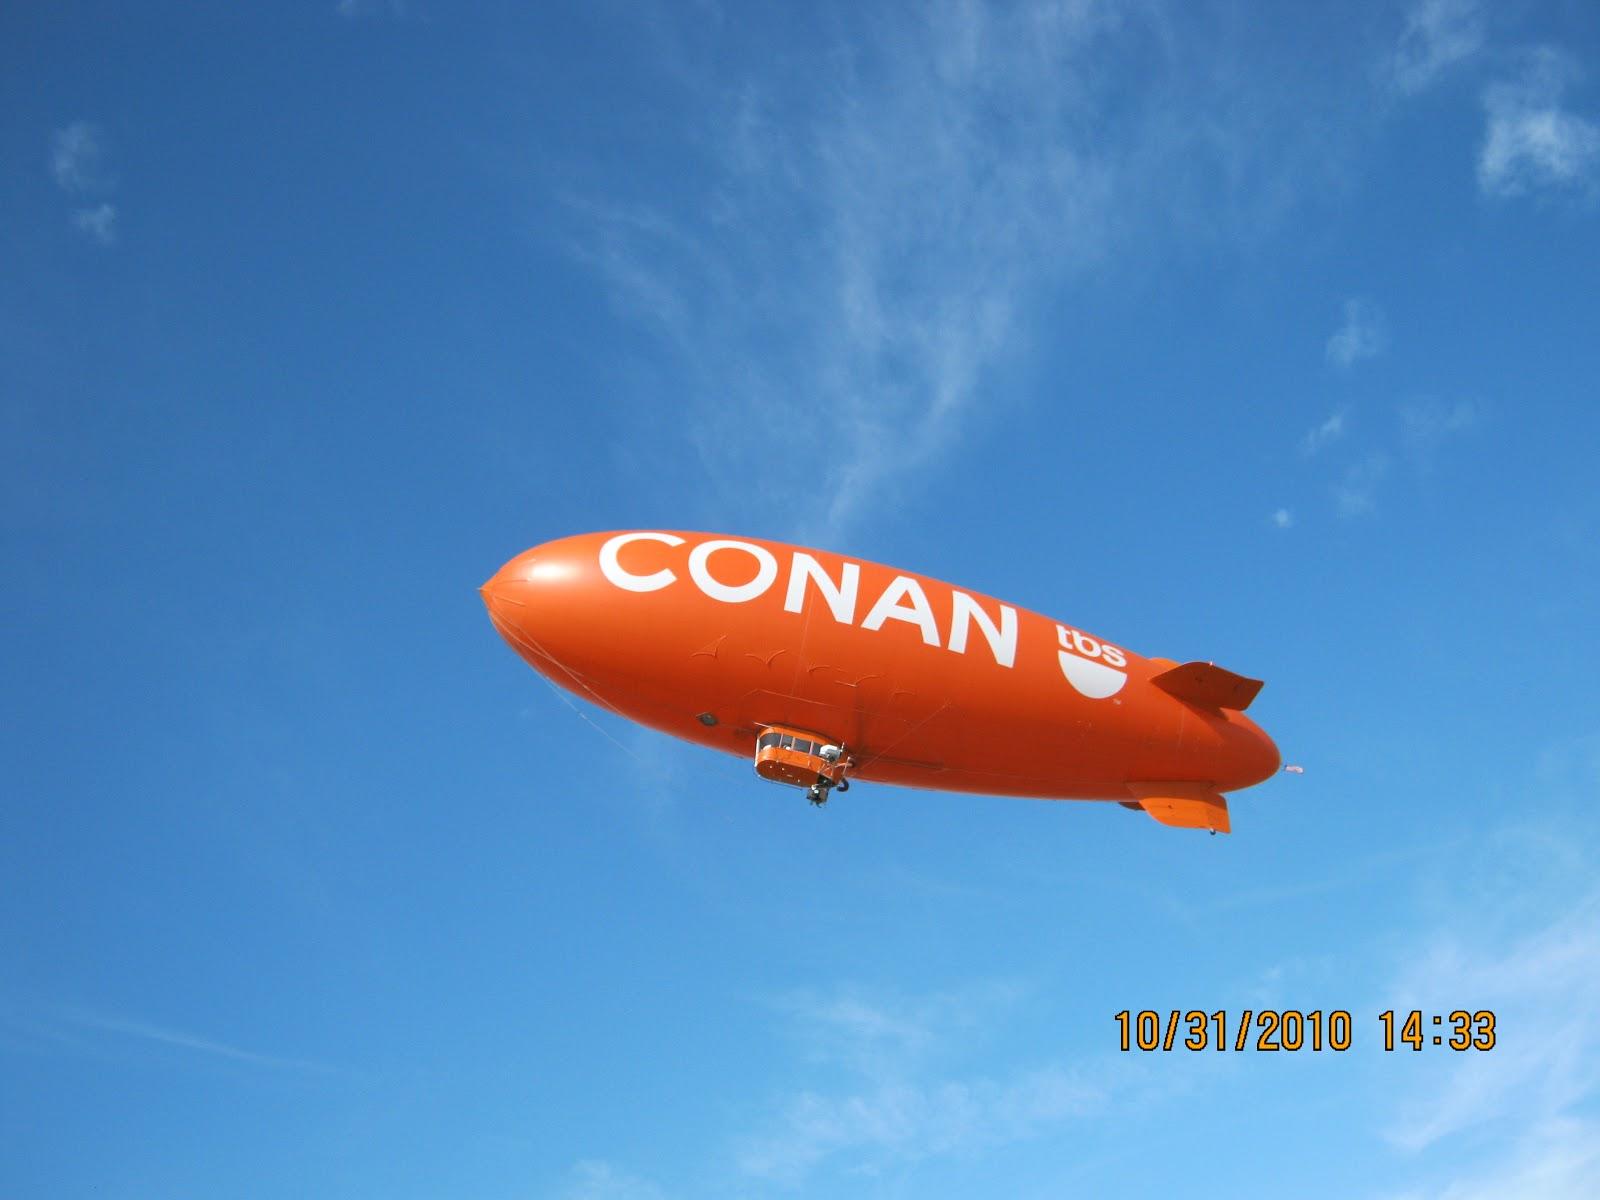 http://1.bp.blogspot.com/_g33Pmhkq7kc/TNbChzvsz9I/AAAAAAAACpA/3qrjI9uvy9o/s1600/Conan%20blimp%2001.jpg